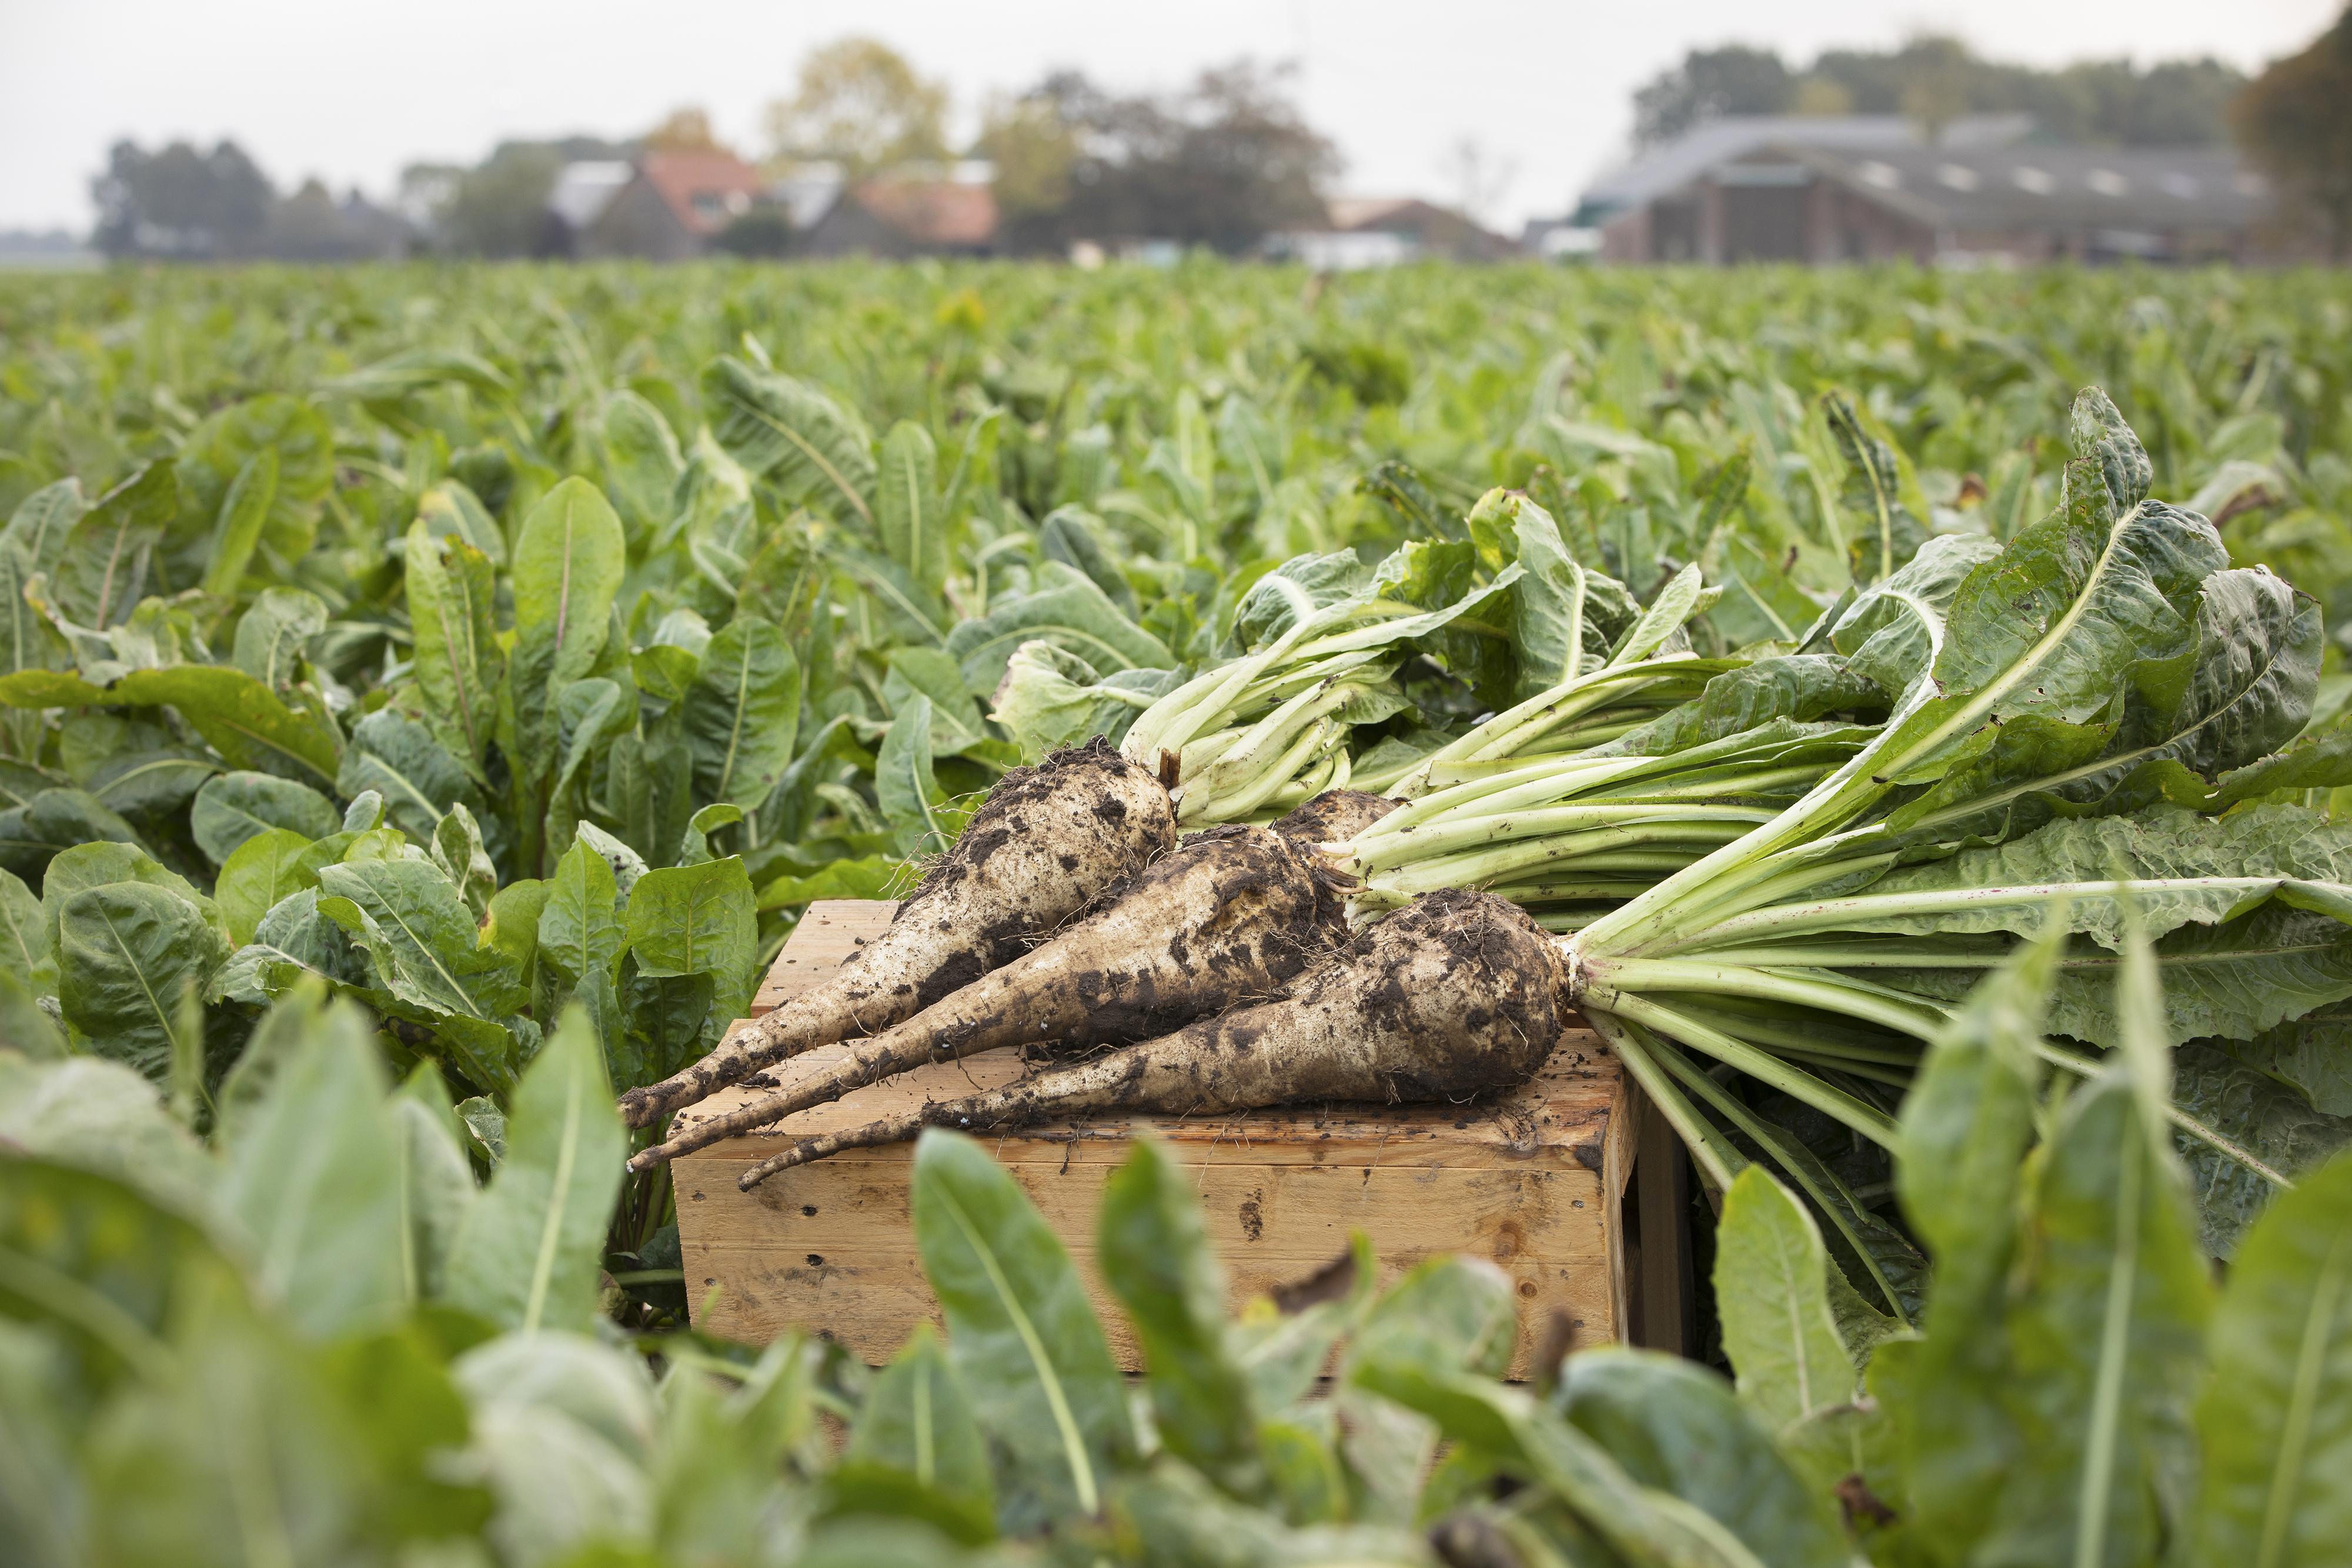 ดีเคเอสเอช และ Sensus ได้รับอนุมัติการกล่าวอ้างทางสุขภาพในประเทศไทยสำหรับผลิตภัณฑ์ใยอาหารจากรากต้นชิโครี่ ของ Sensus